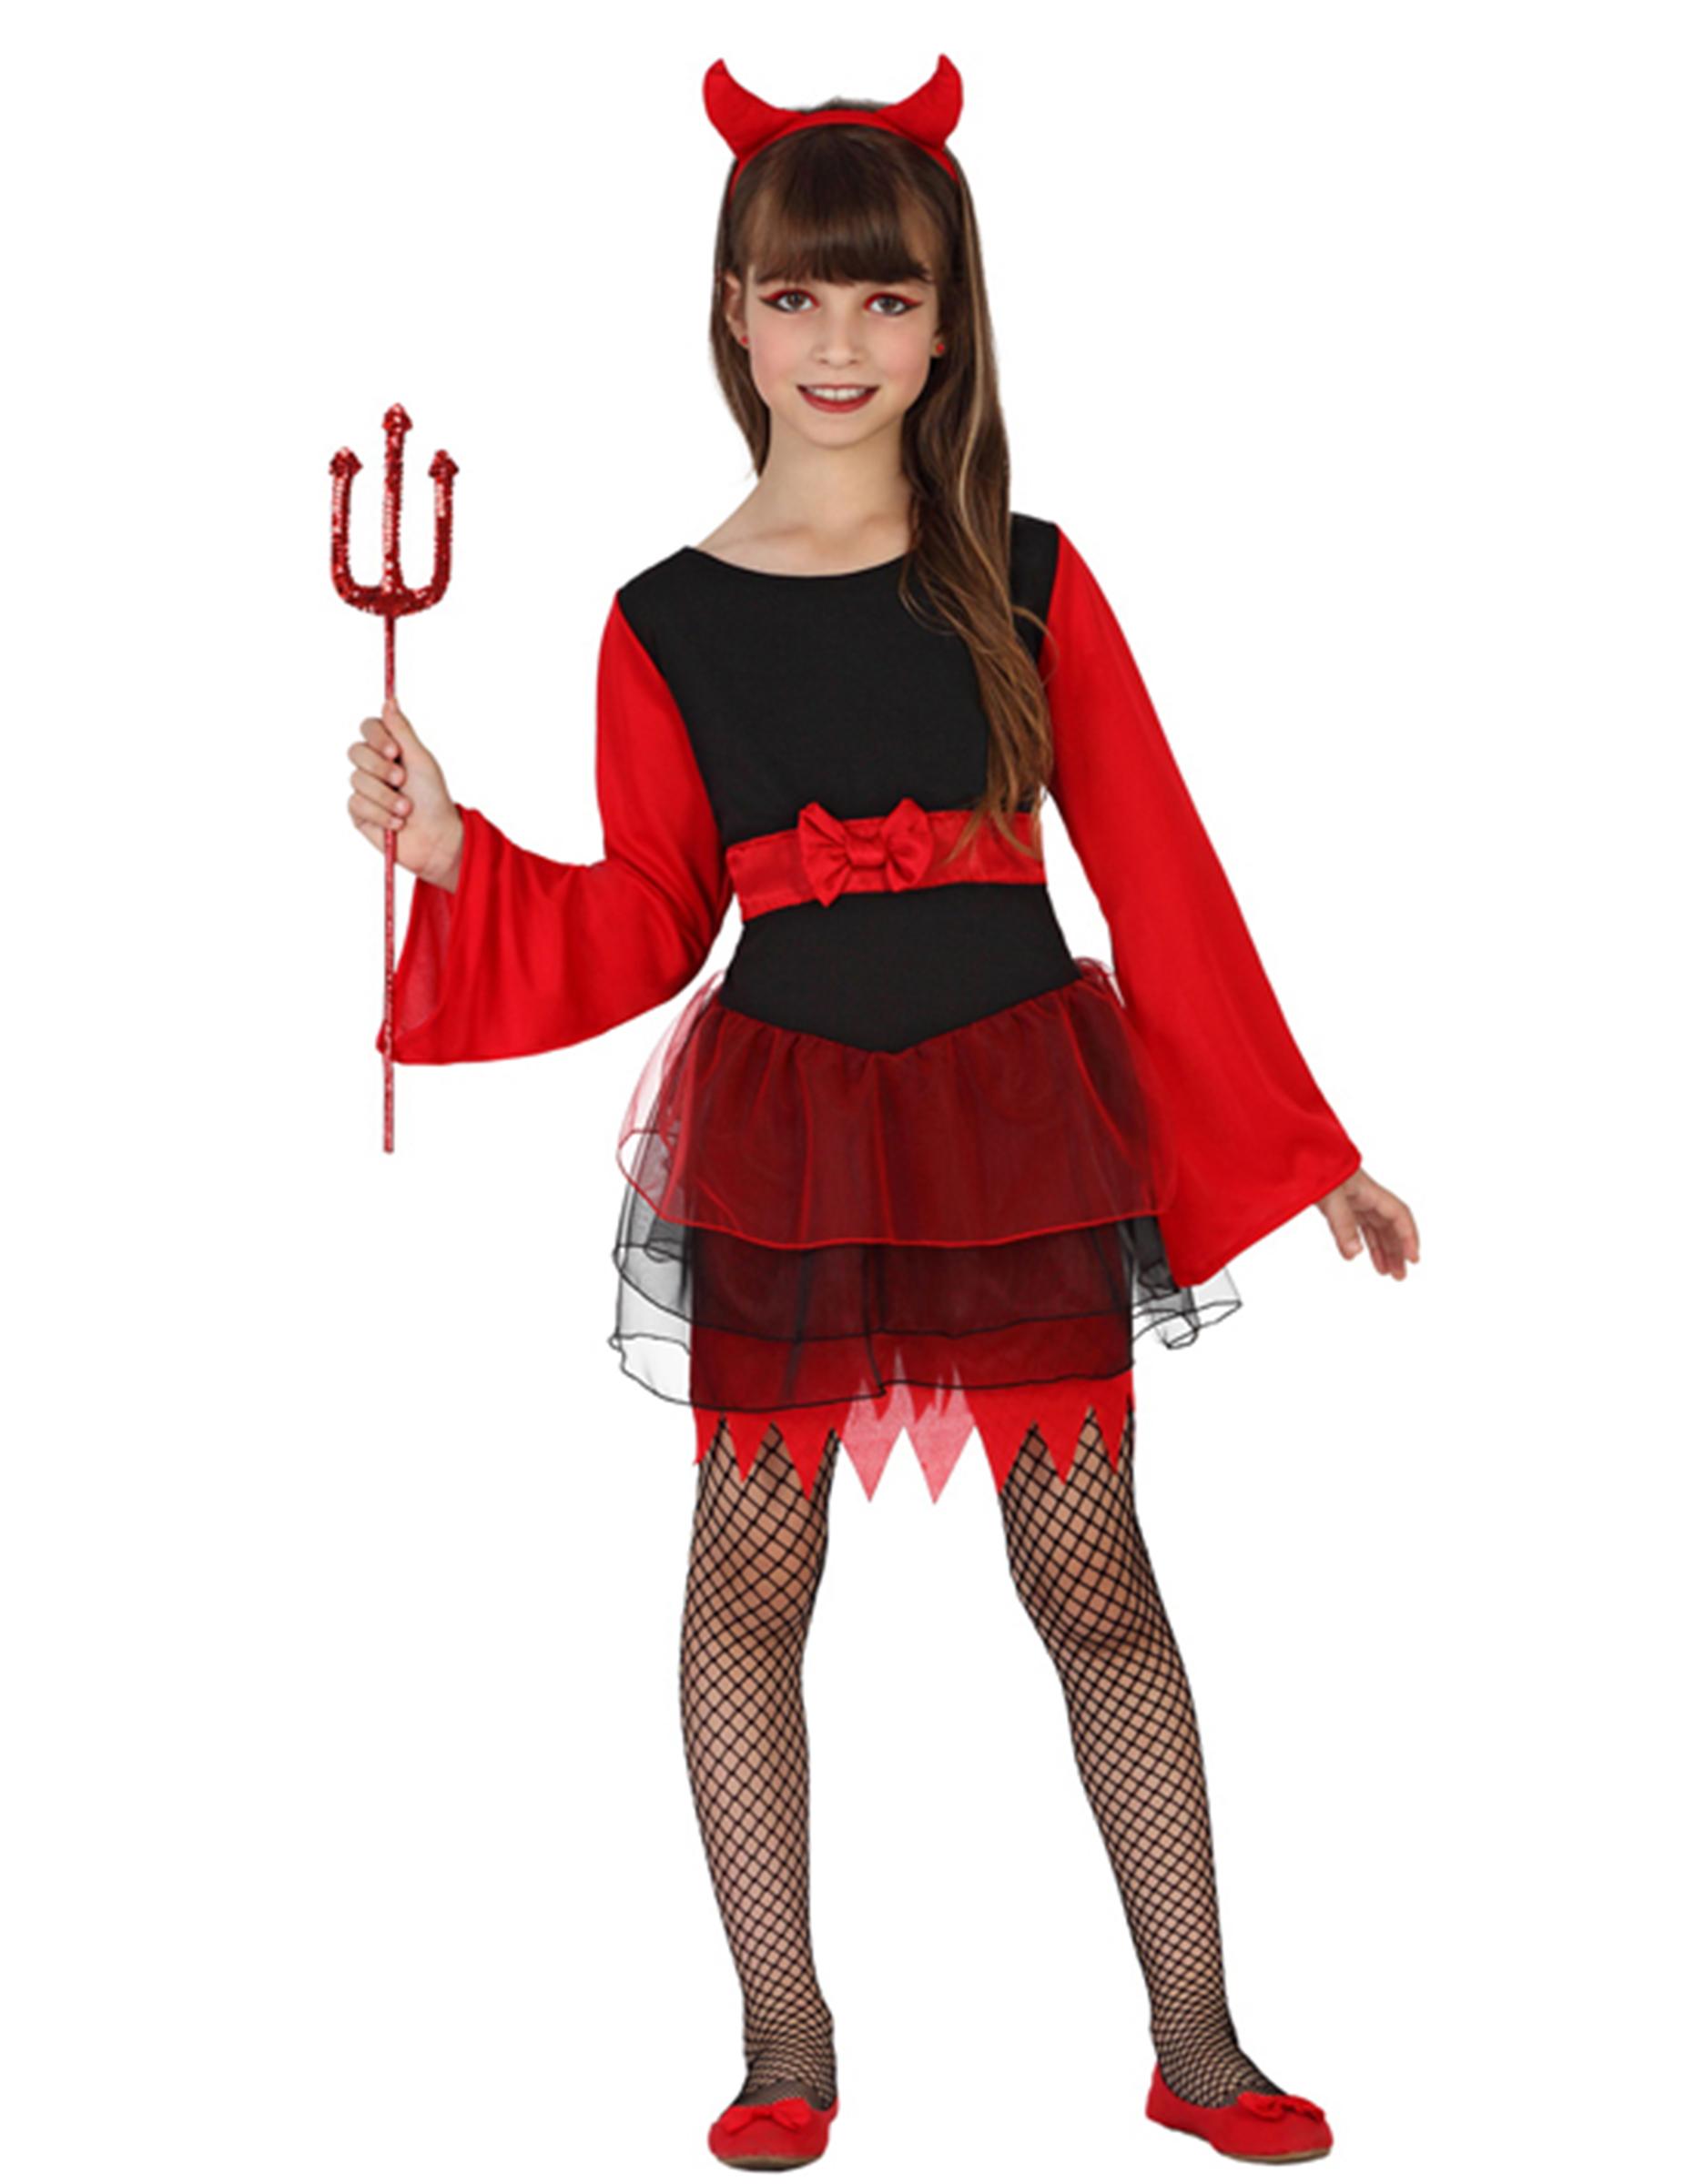 d guisement d mon en tutu rouge et noir fille halloween deguise toi achat de d guisements enfants. Black Bedroom Furniture Sets. Home Design Ideas